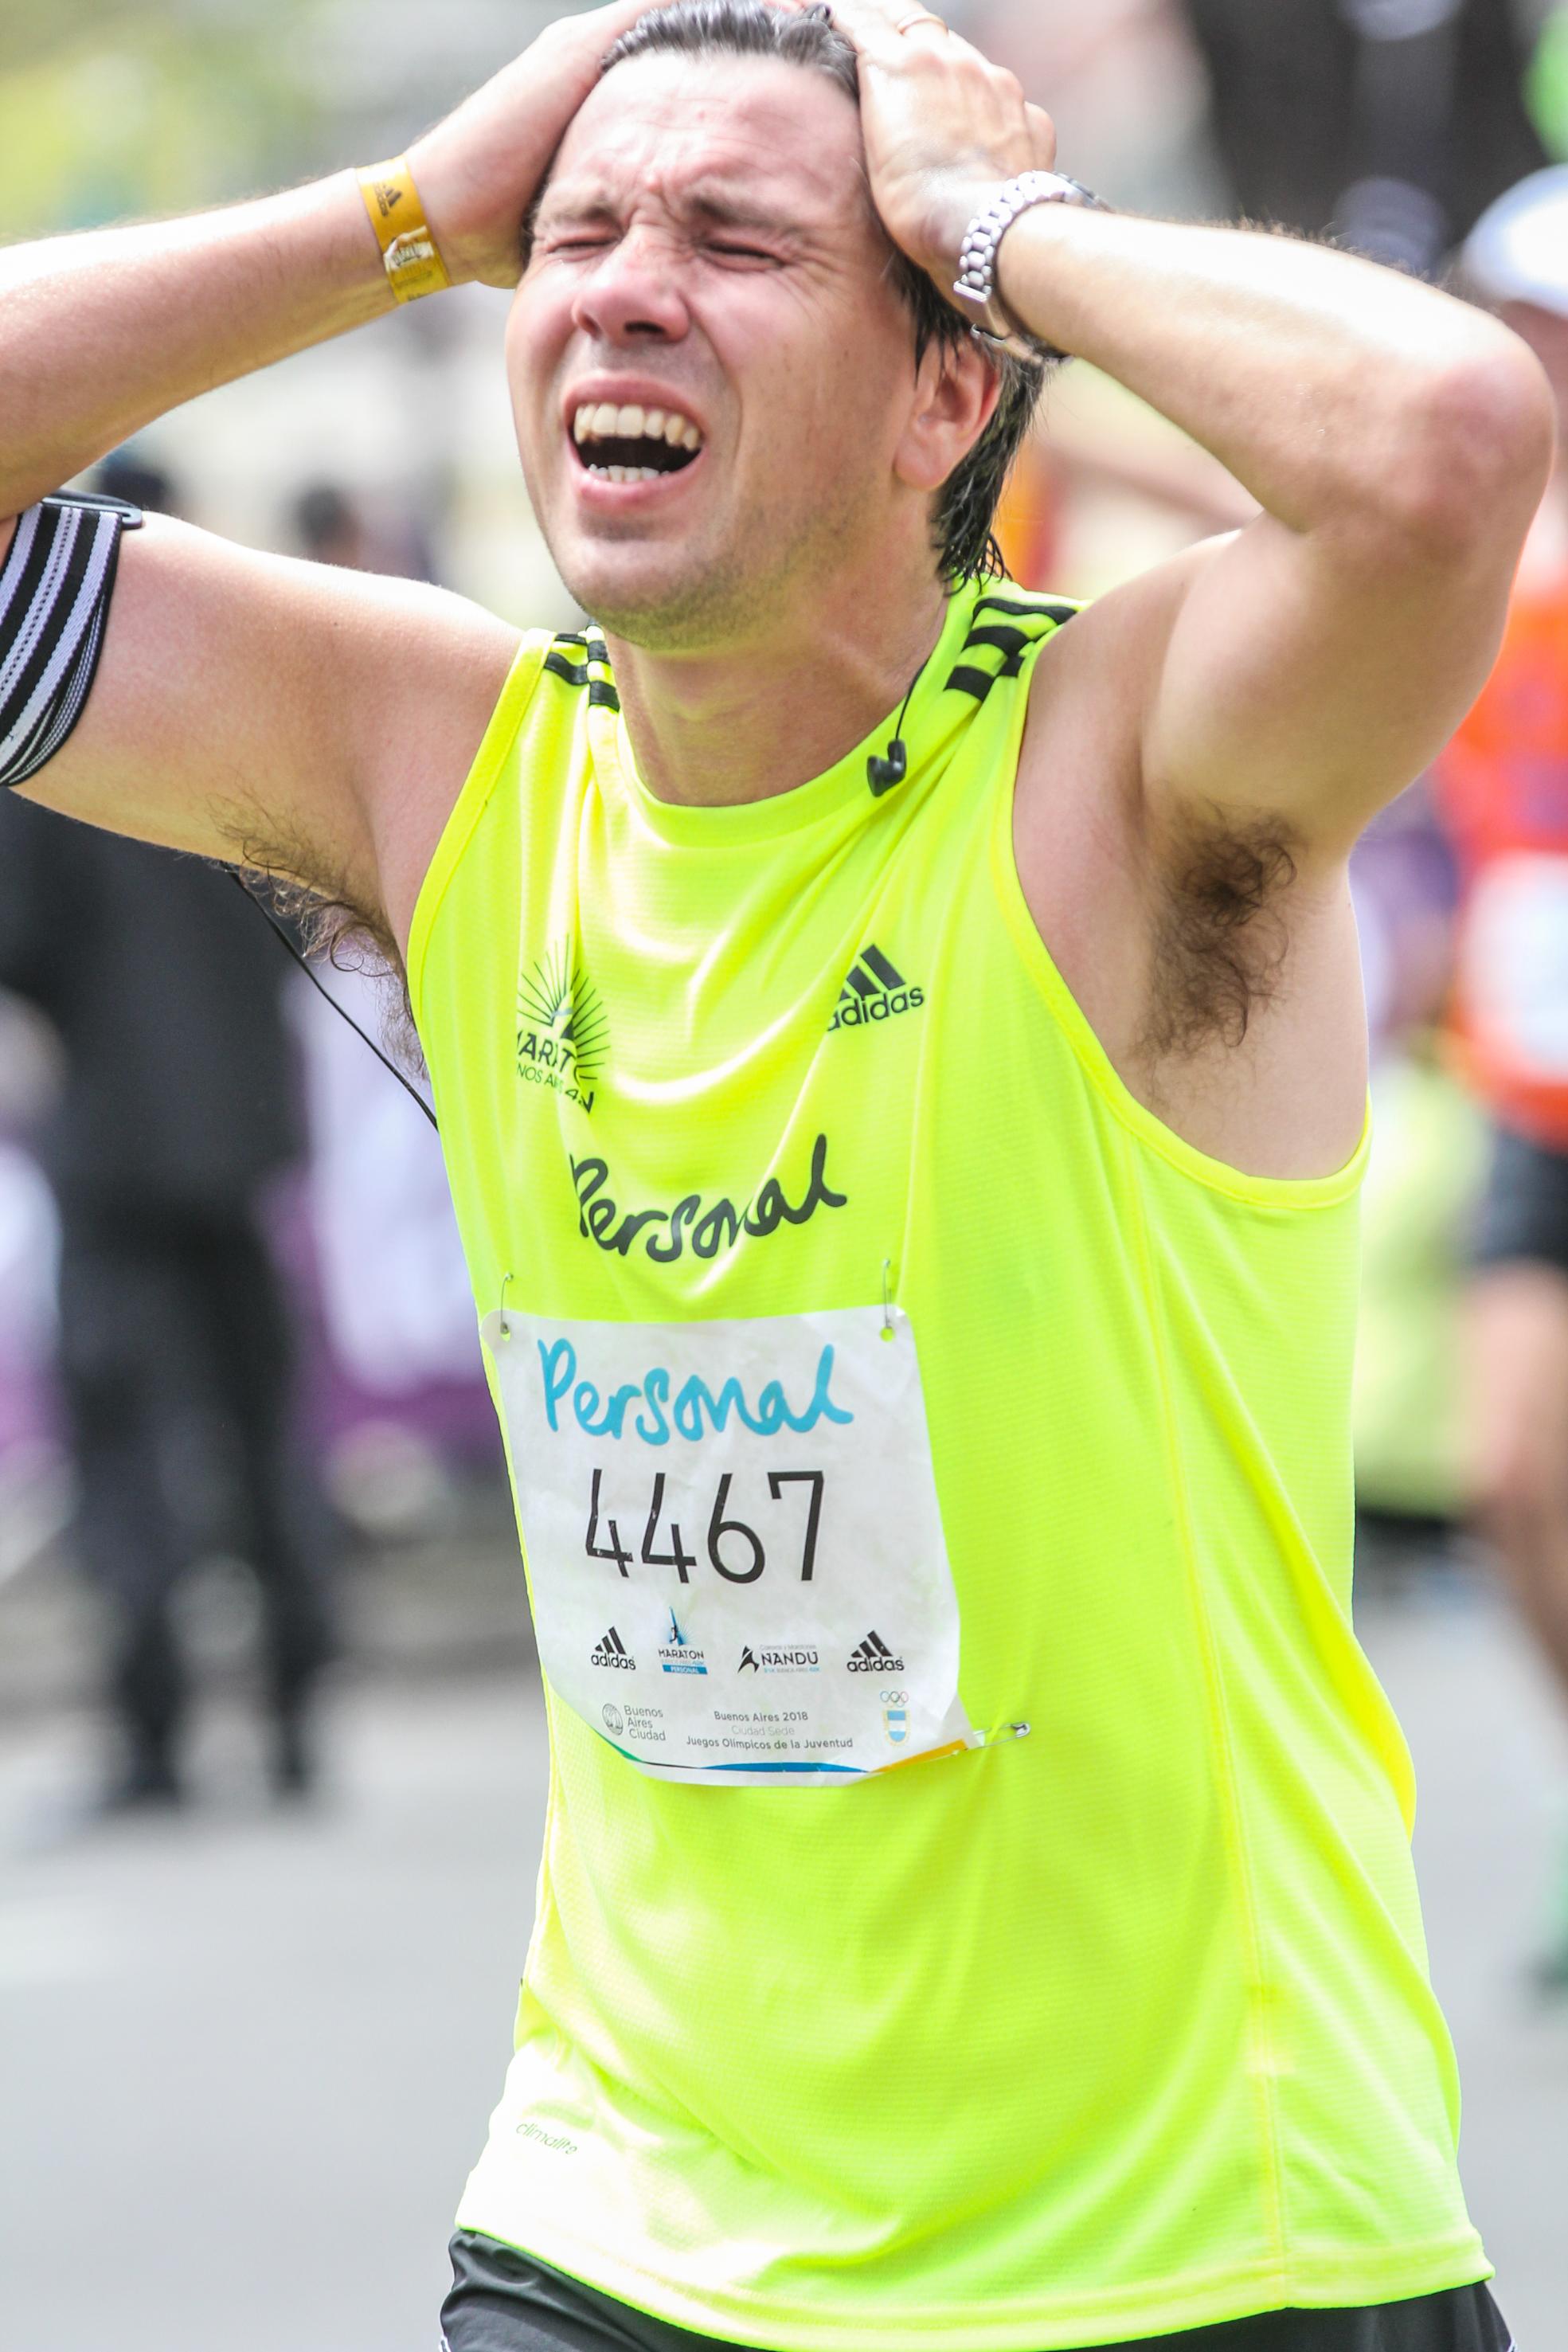 Locos por correr motivacion para correr lucho runner